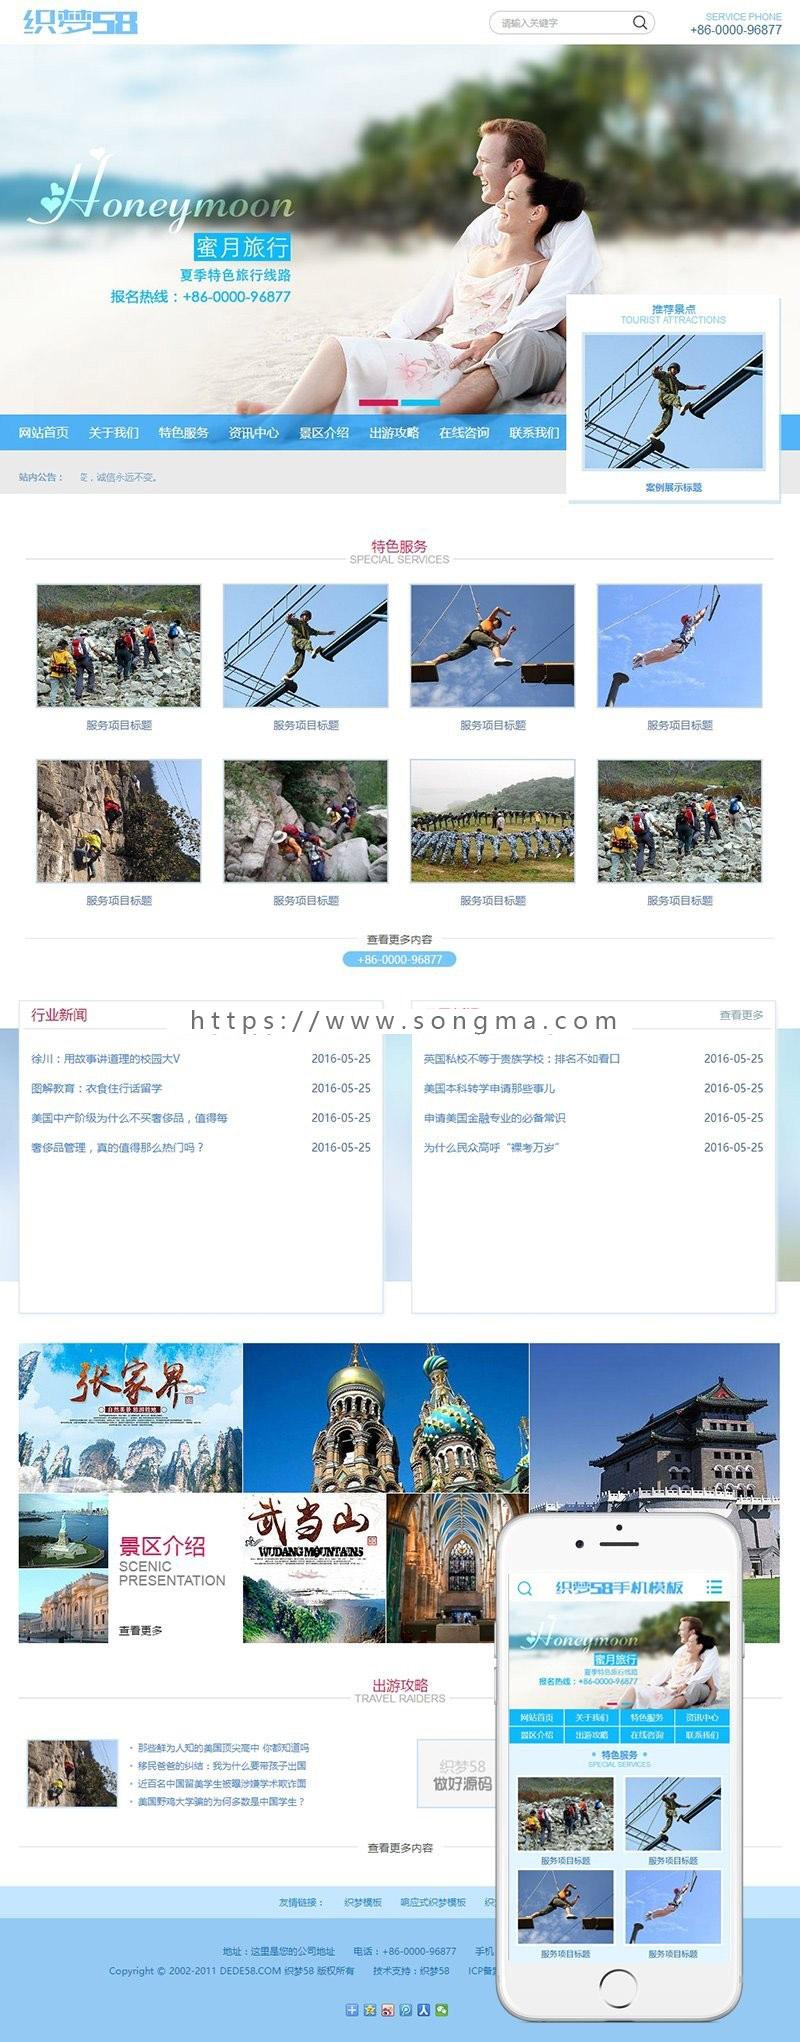 《新版》高端运营版大气通用织梦营销型服务设备类公司蜜月旅行景区旅游企业织梦模板(